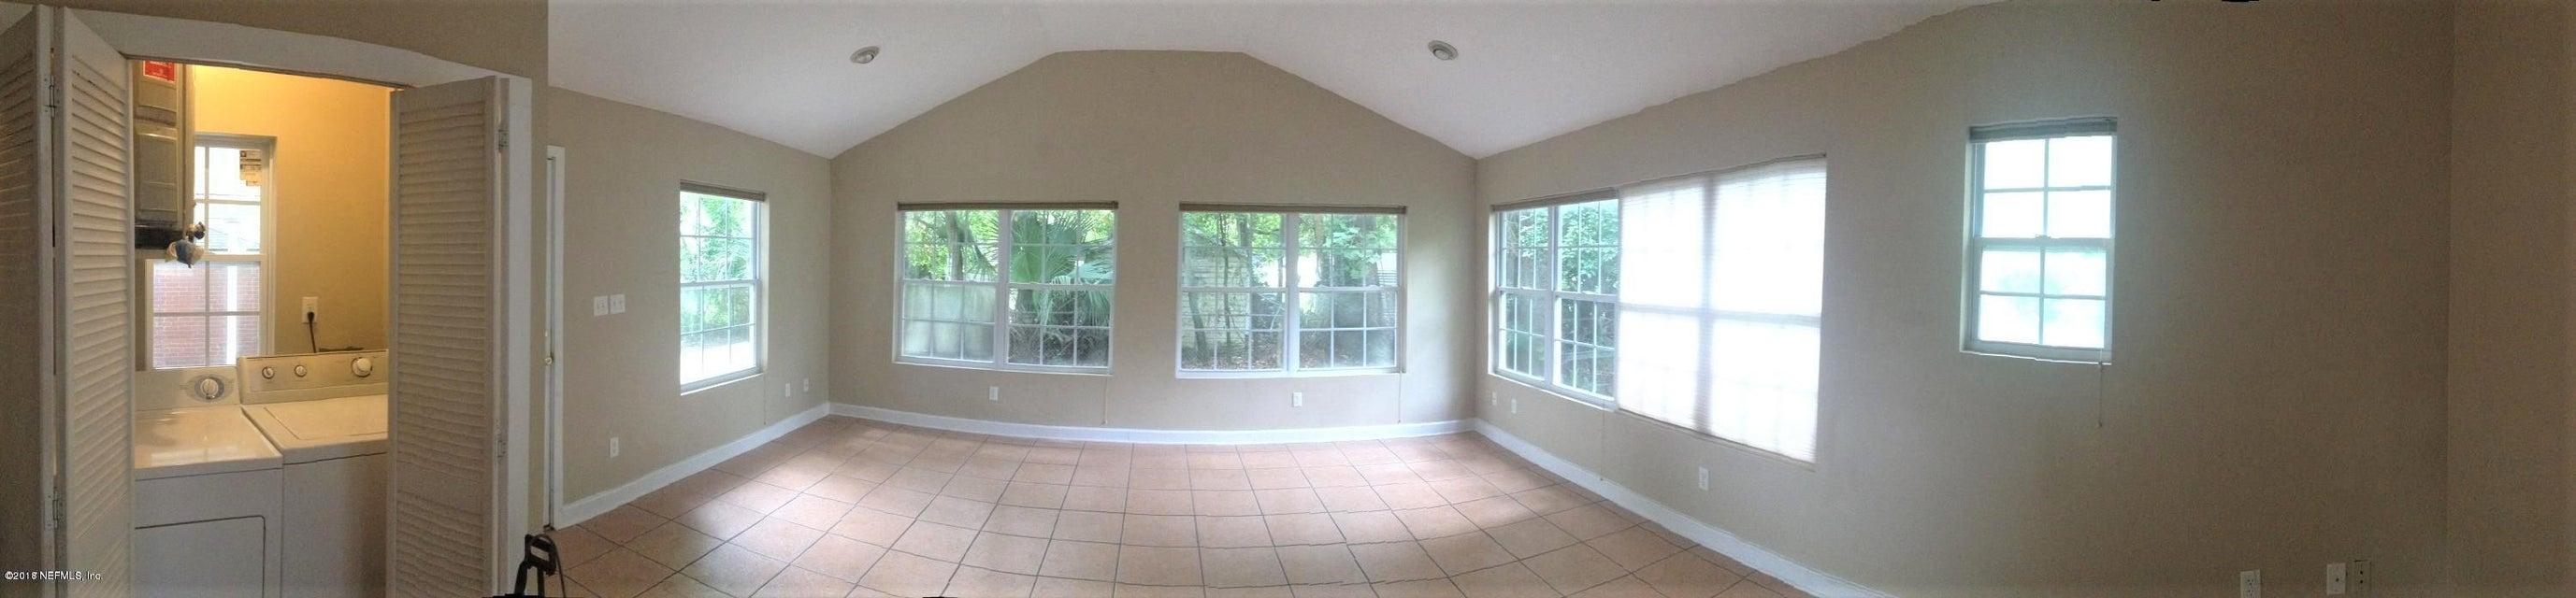 1417 LARUE, JACKSONVILLE, FLORIDA 32207, 3 Bedrooms Bedrooms, ,1 BathroomBathrooms,Commercial,For sale,LARUE,923483